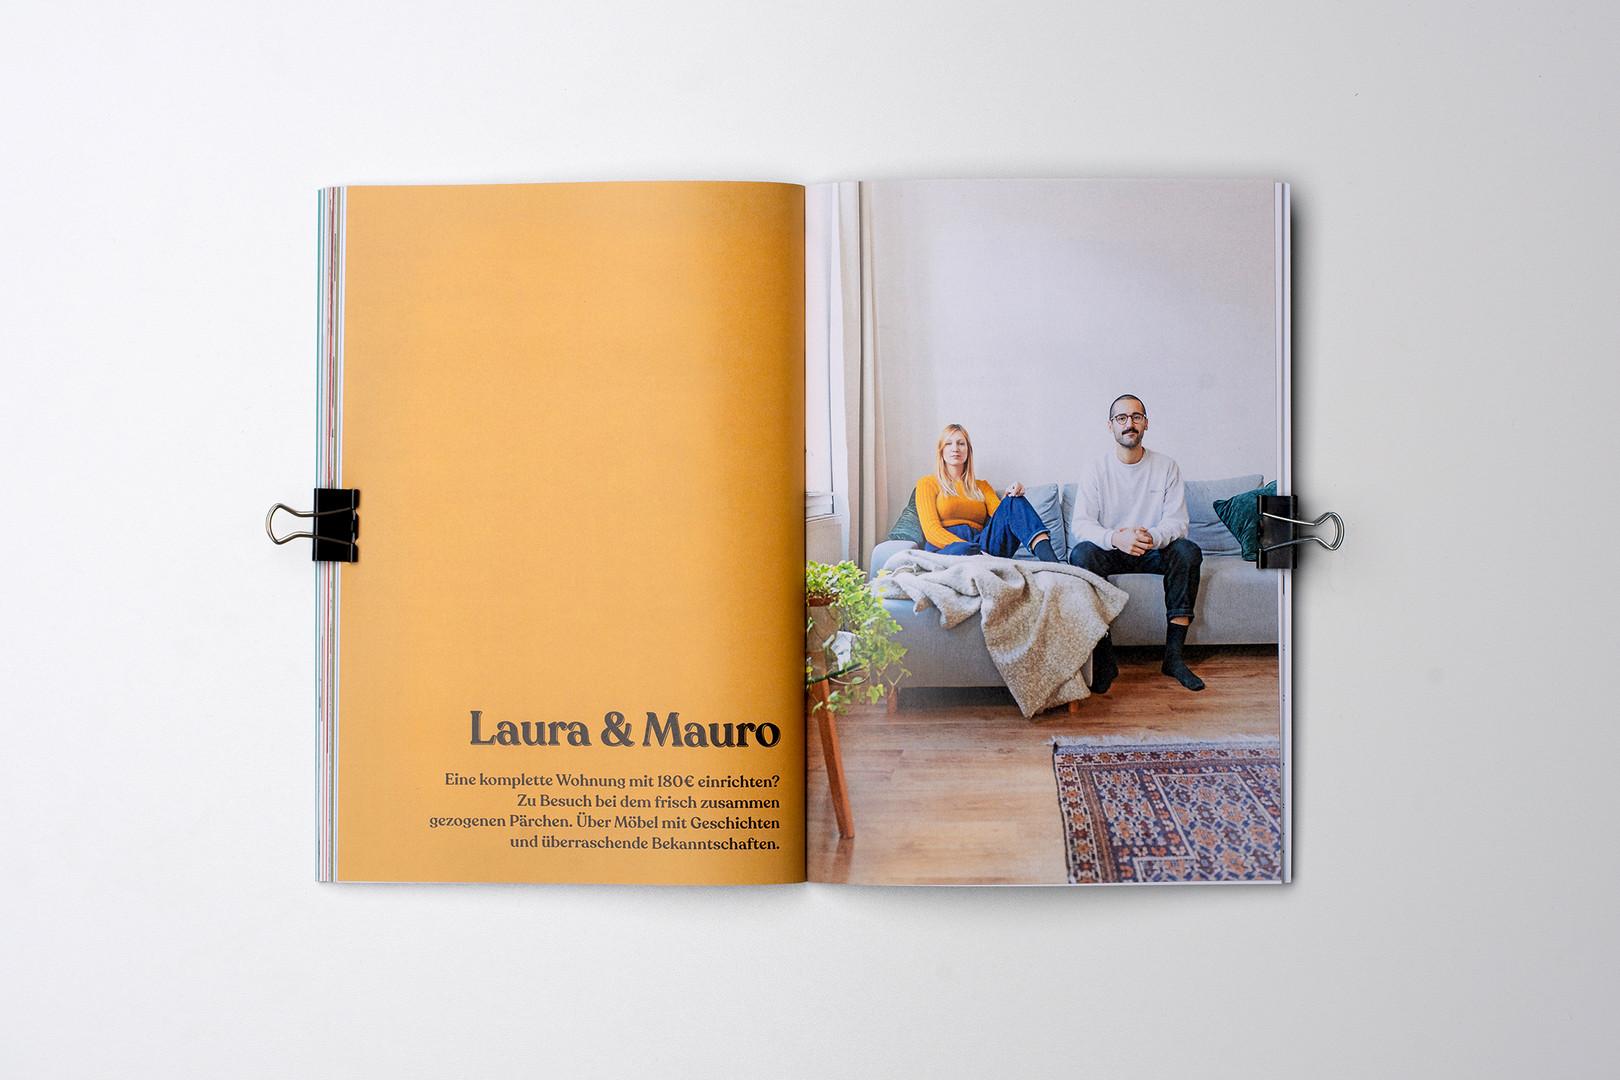 2019-02-13_magazin-mehrwege_058-28_144dp